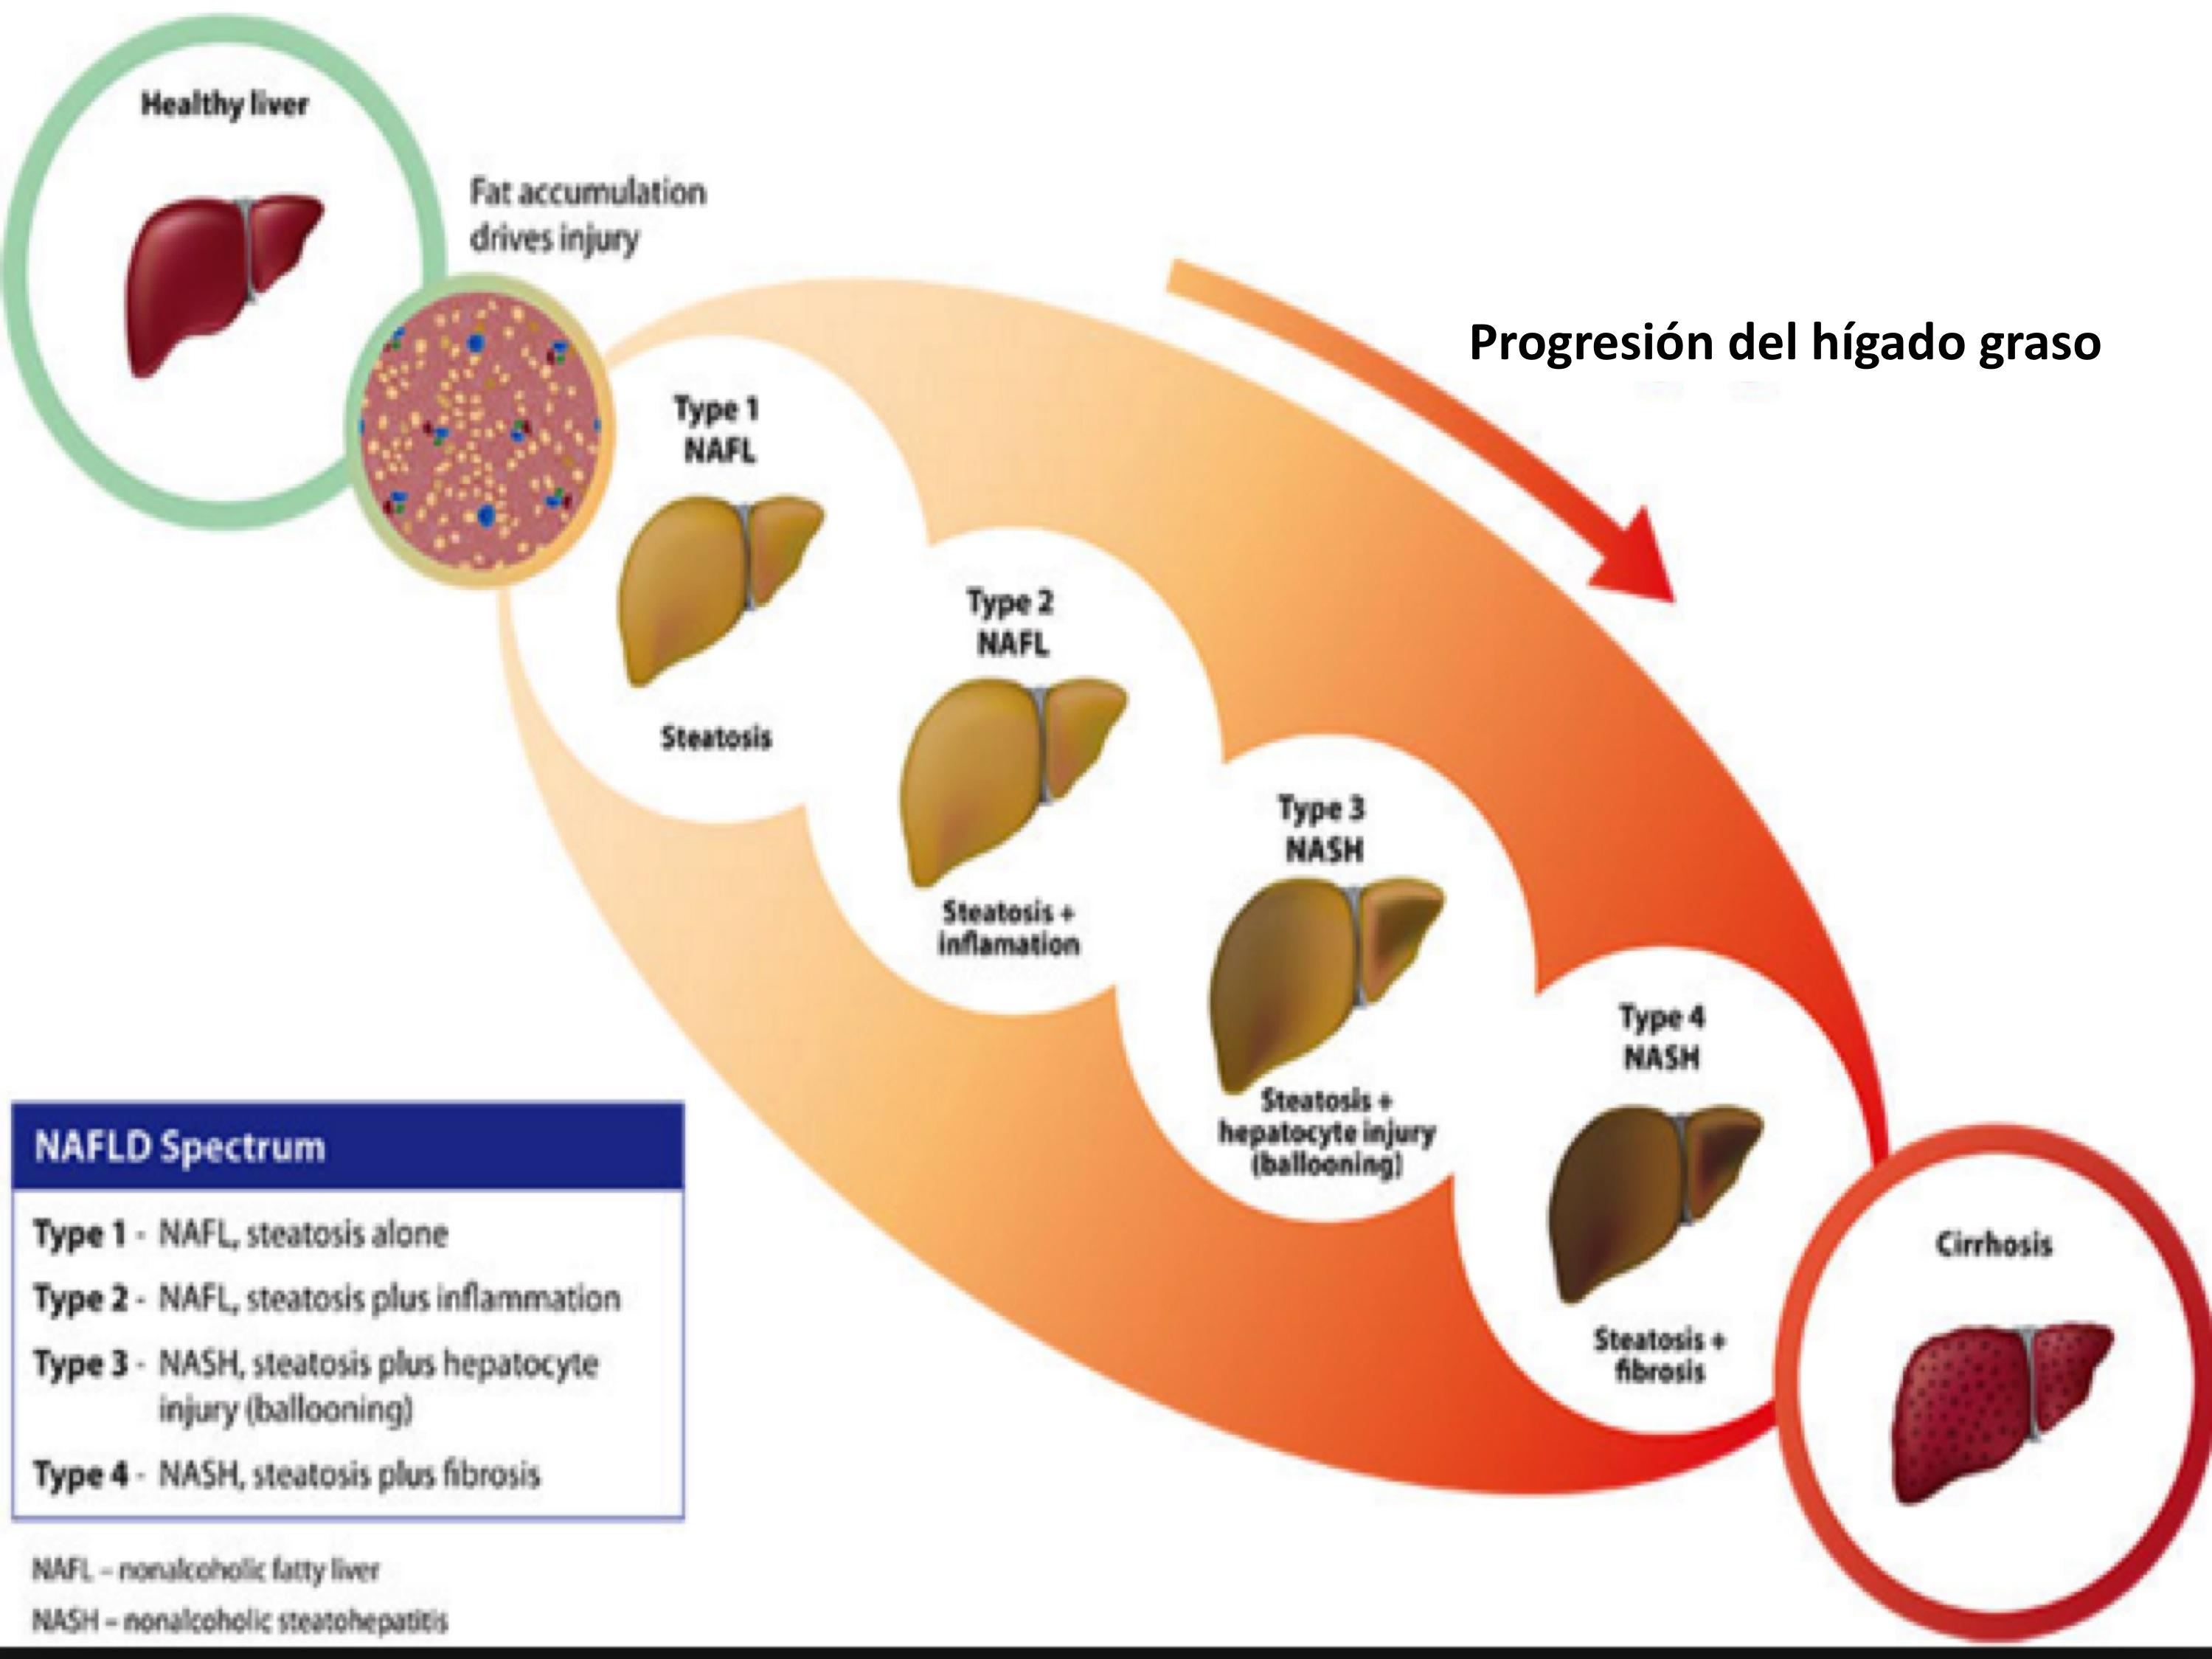 tratamiento medico para hígado graso